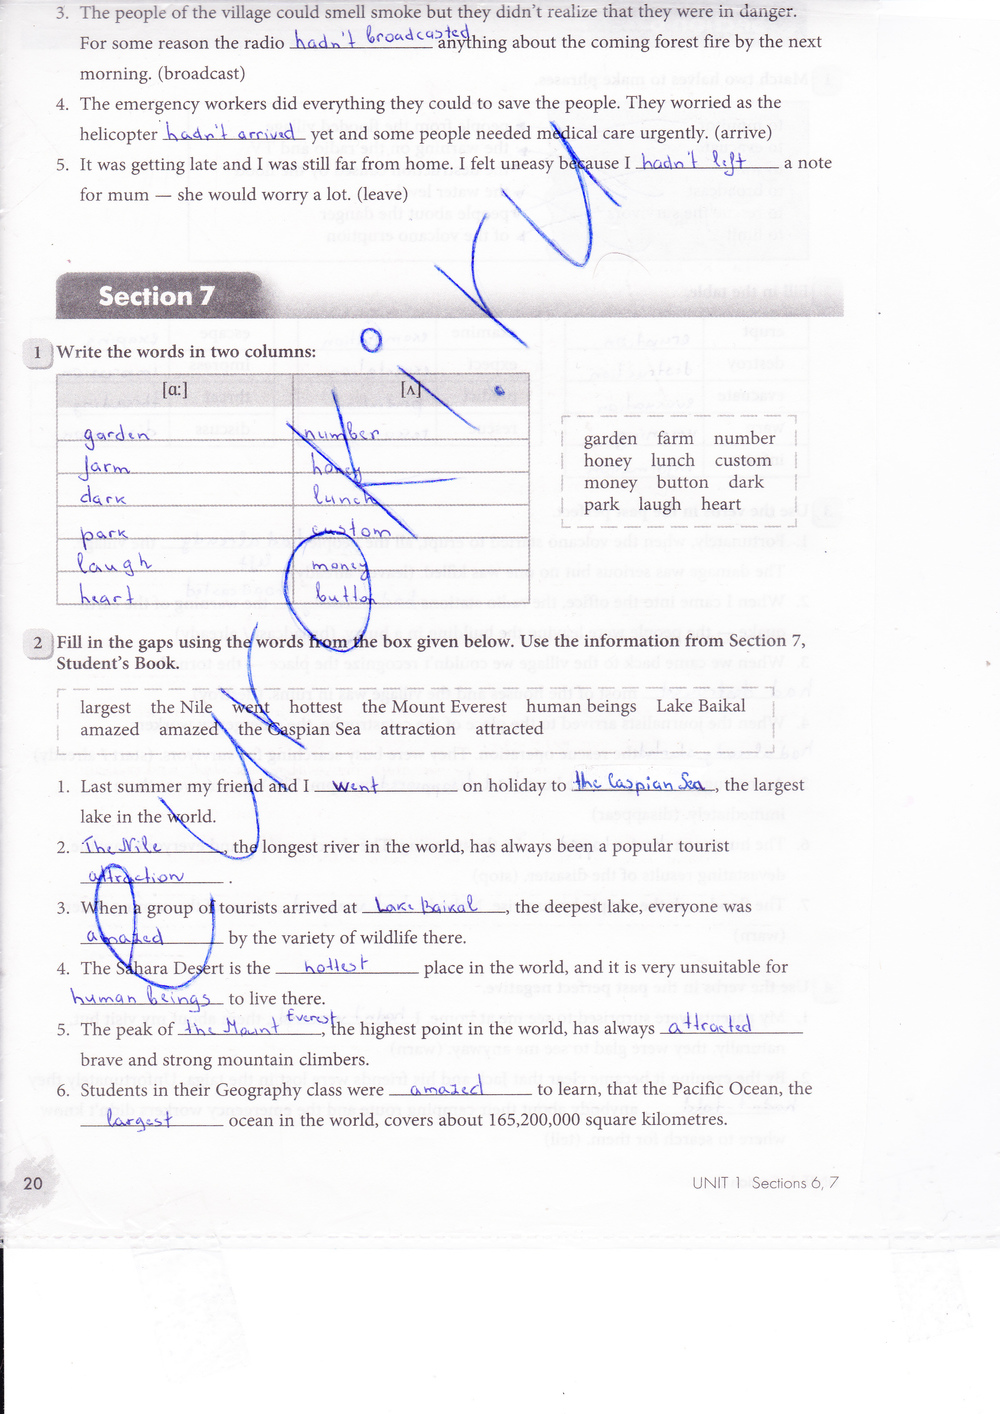 решебник по английскому рабочей тетради 8 класс биболетова